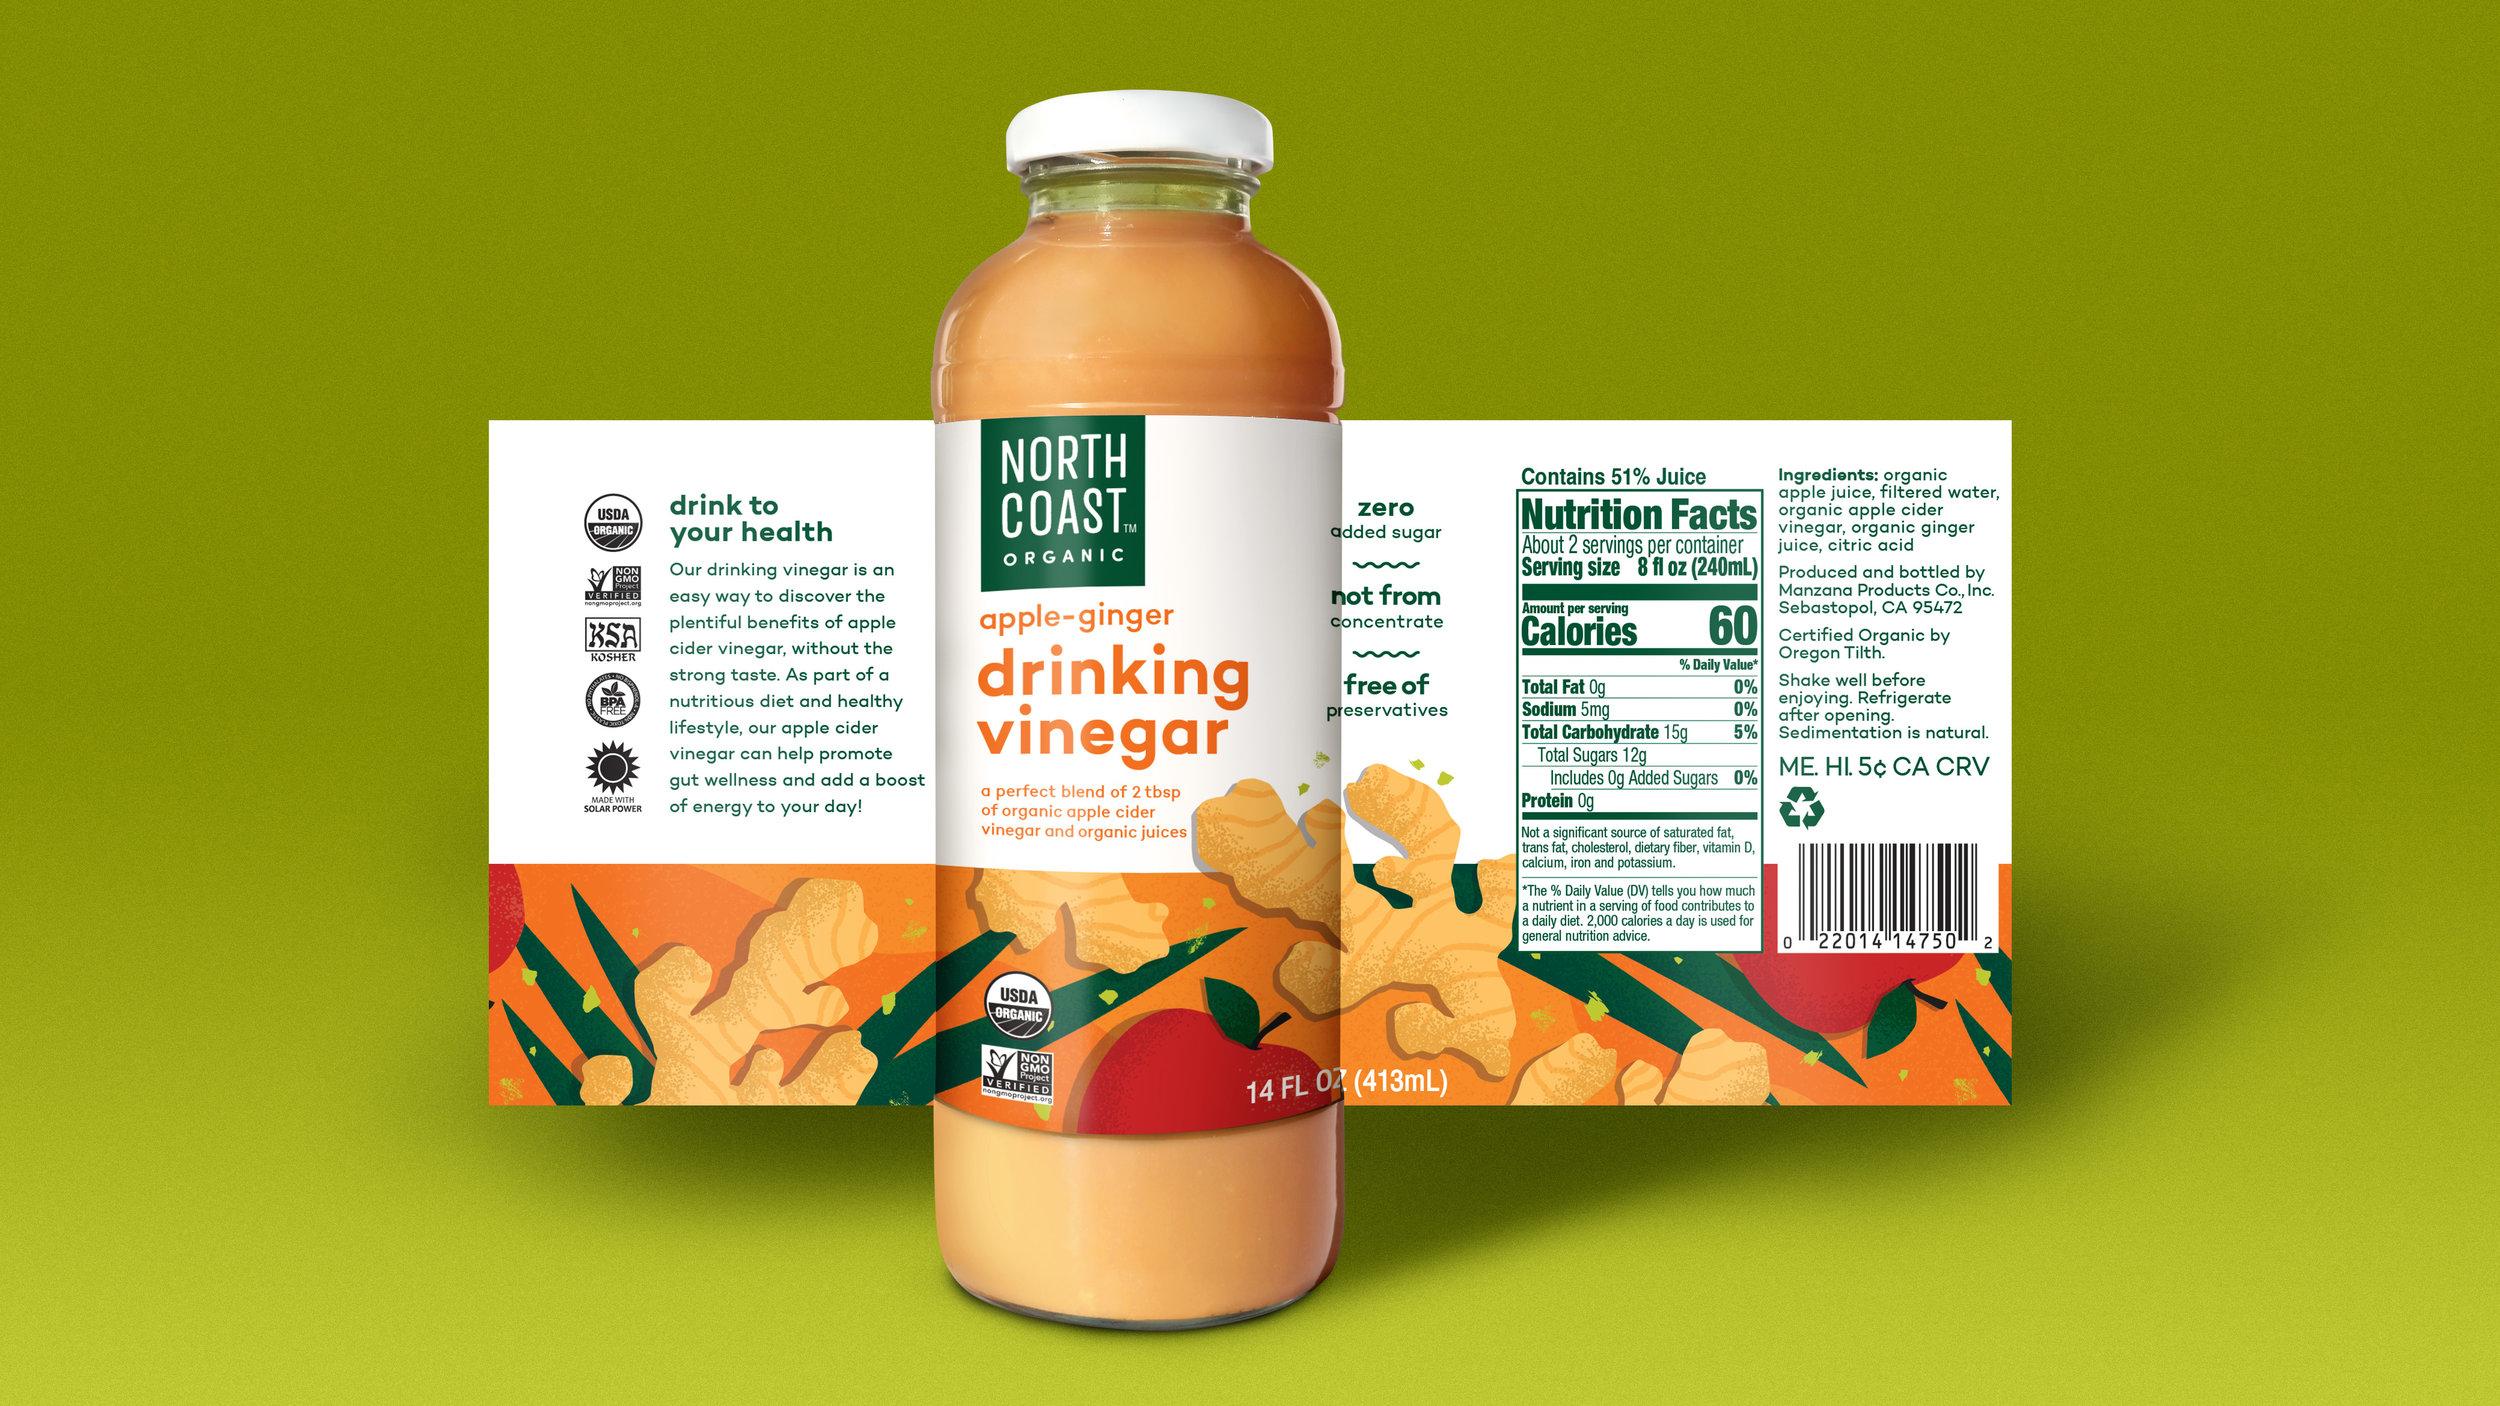 NorthCoast_Web_DV_Bottle_Ginger_Standing_v2.jpg